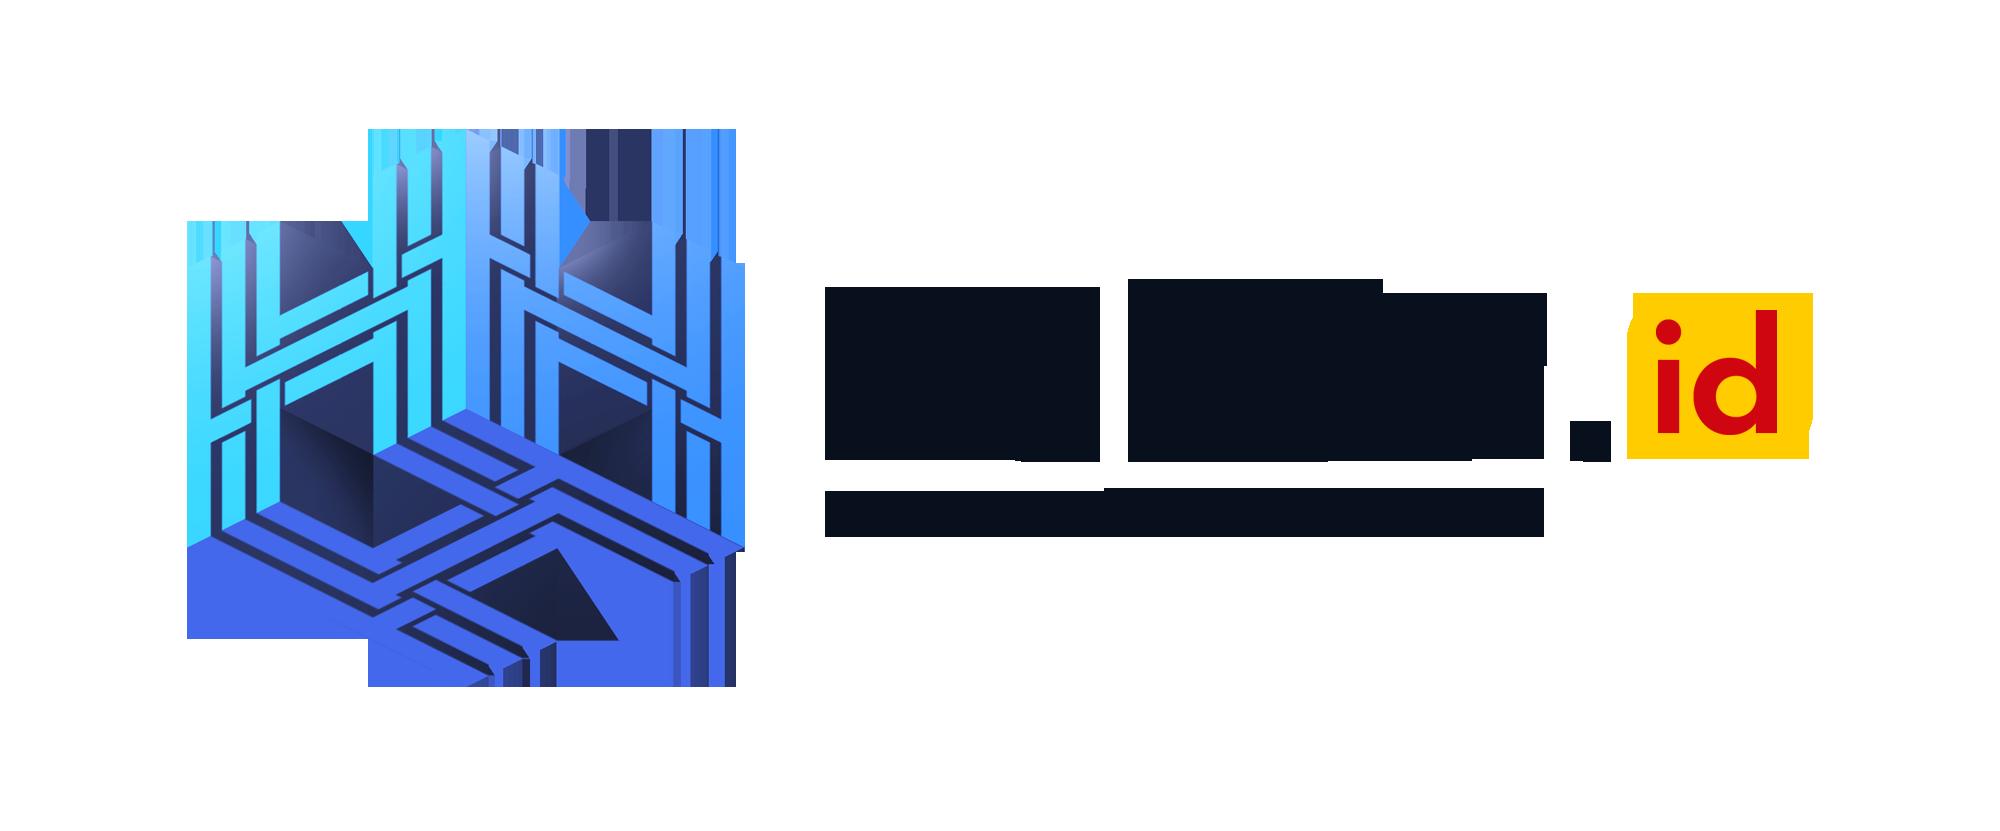 Habari.id